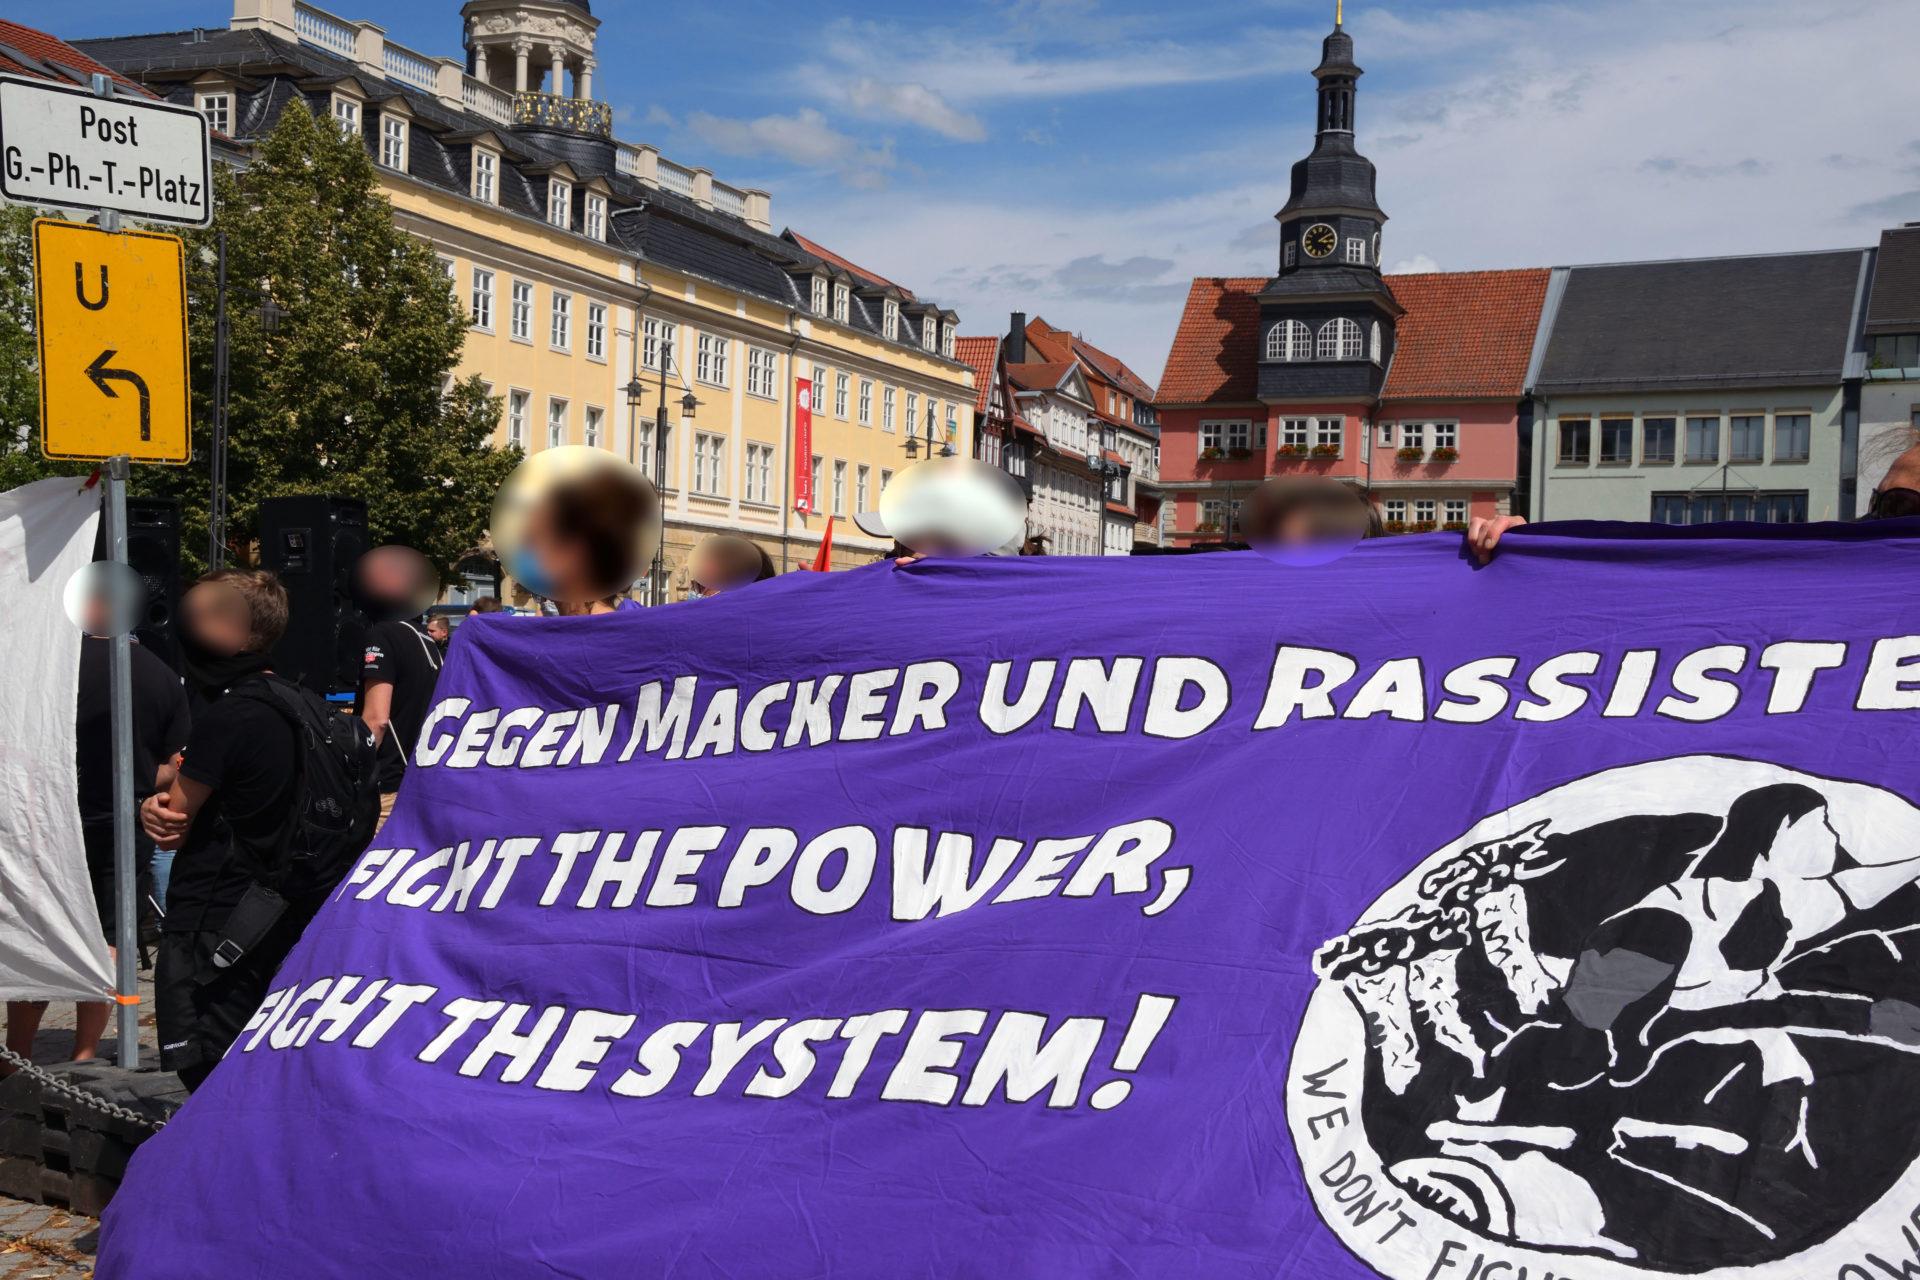 Umgang mit sexueller Gewalt in der ostdeutschen Provinz